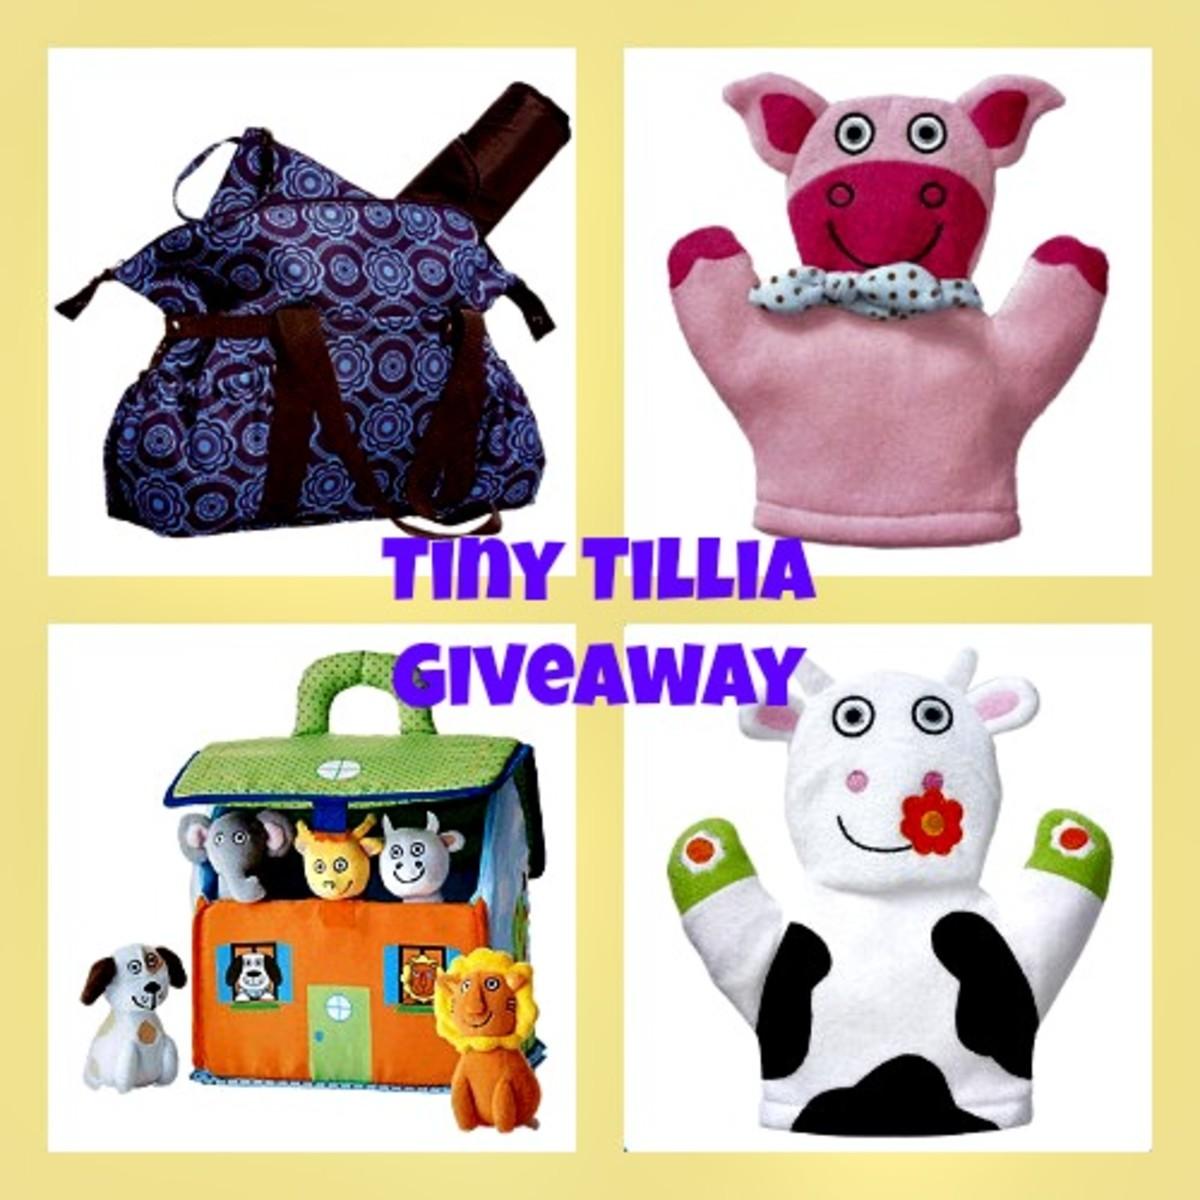 Tiny Tillia Giveaway